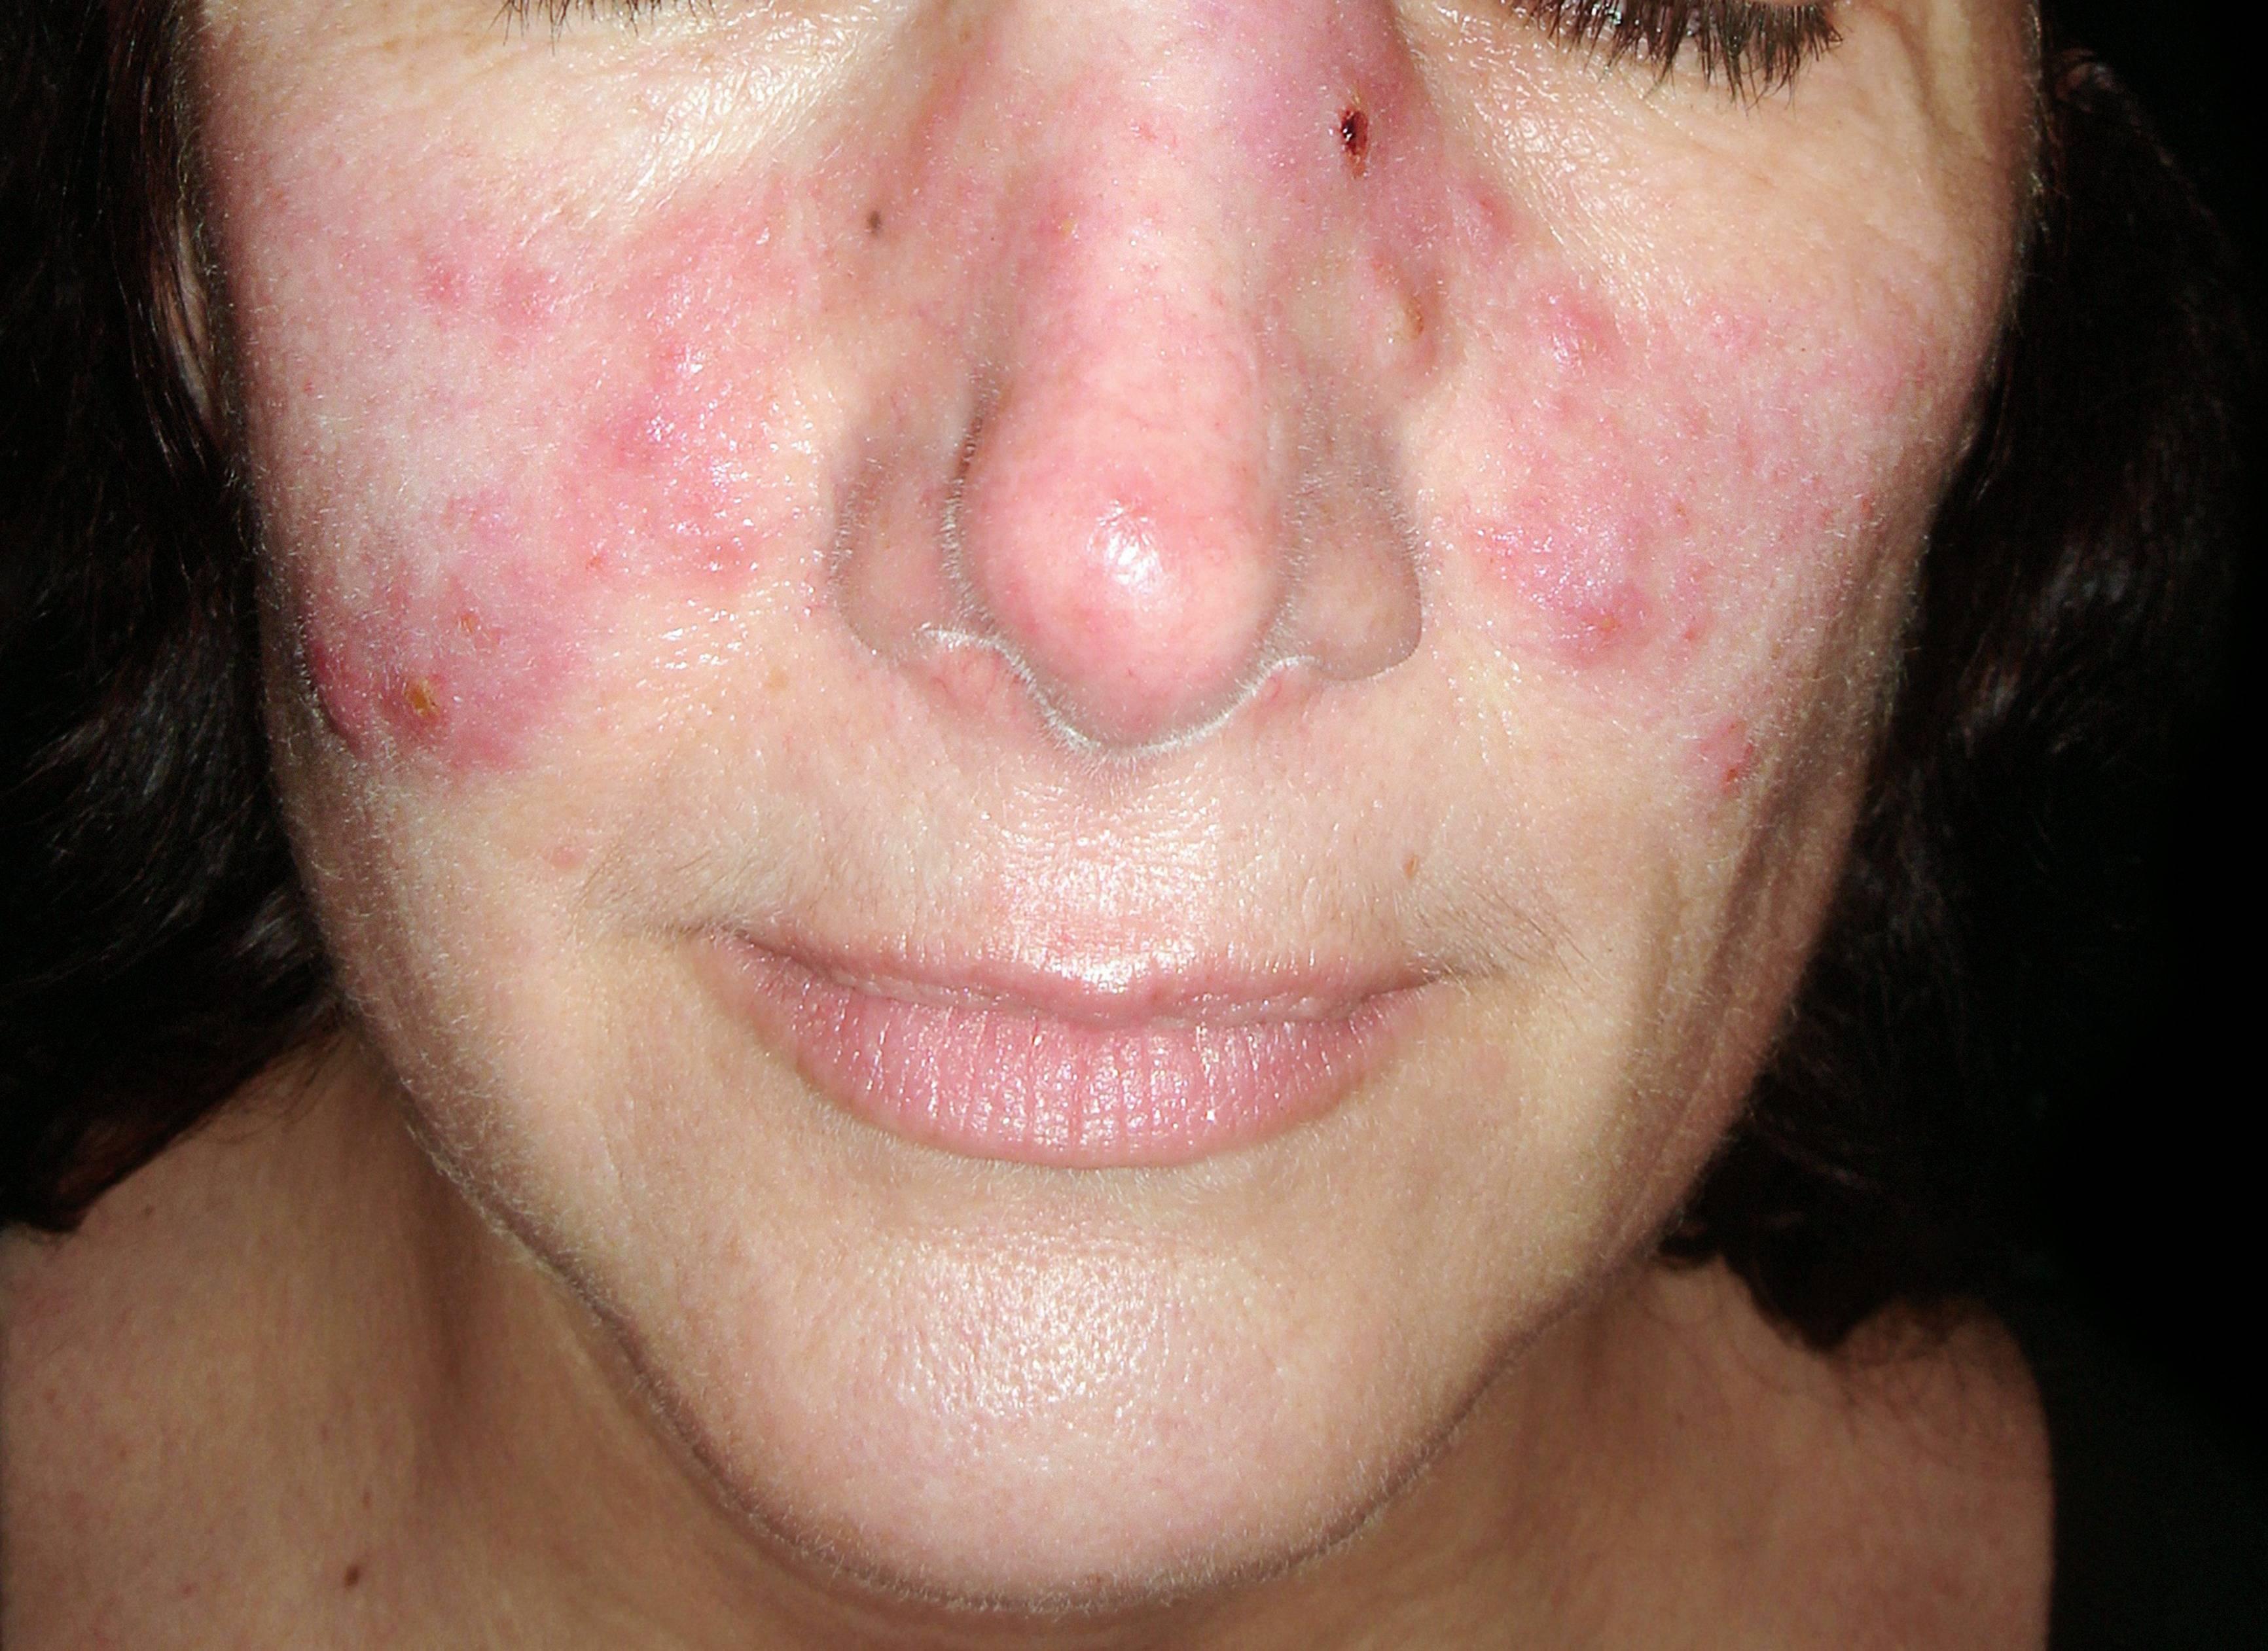 vörös foltok az arcon a streptoderma után)